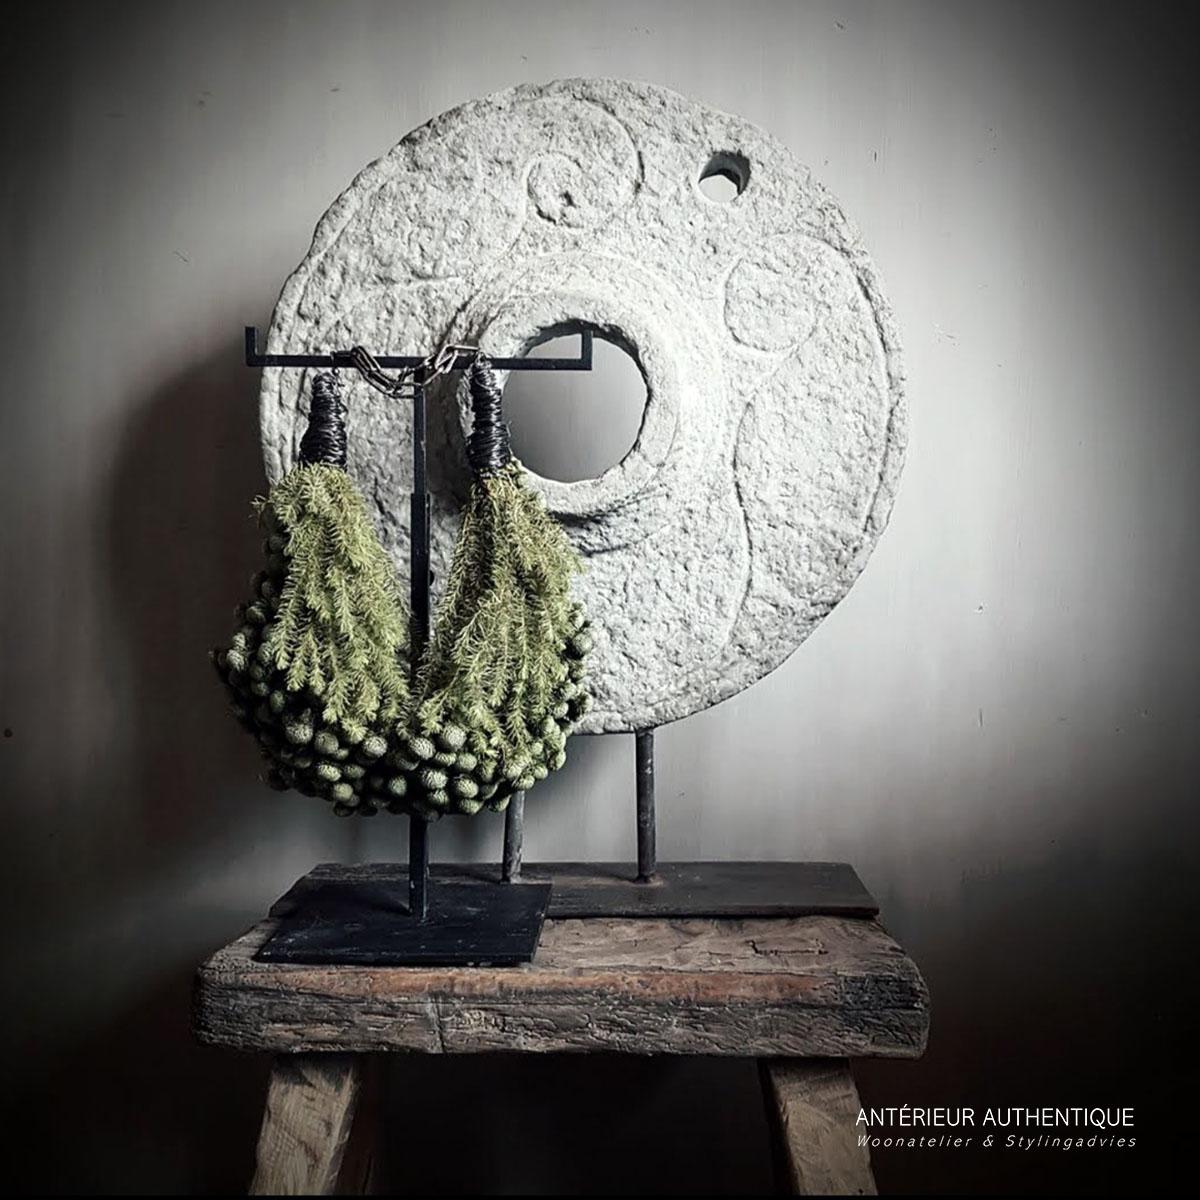 Afbeelding van zandsteen ornament op statief voor Antérieur Authentique webshop